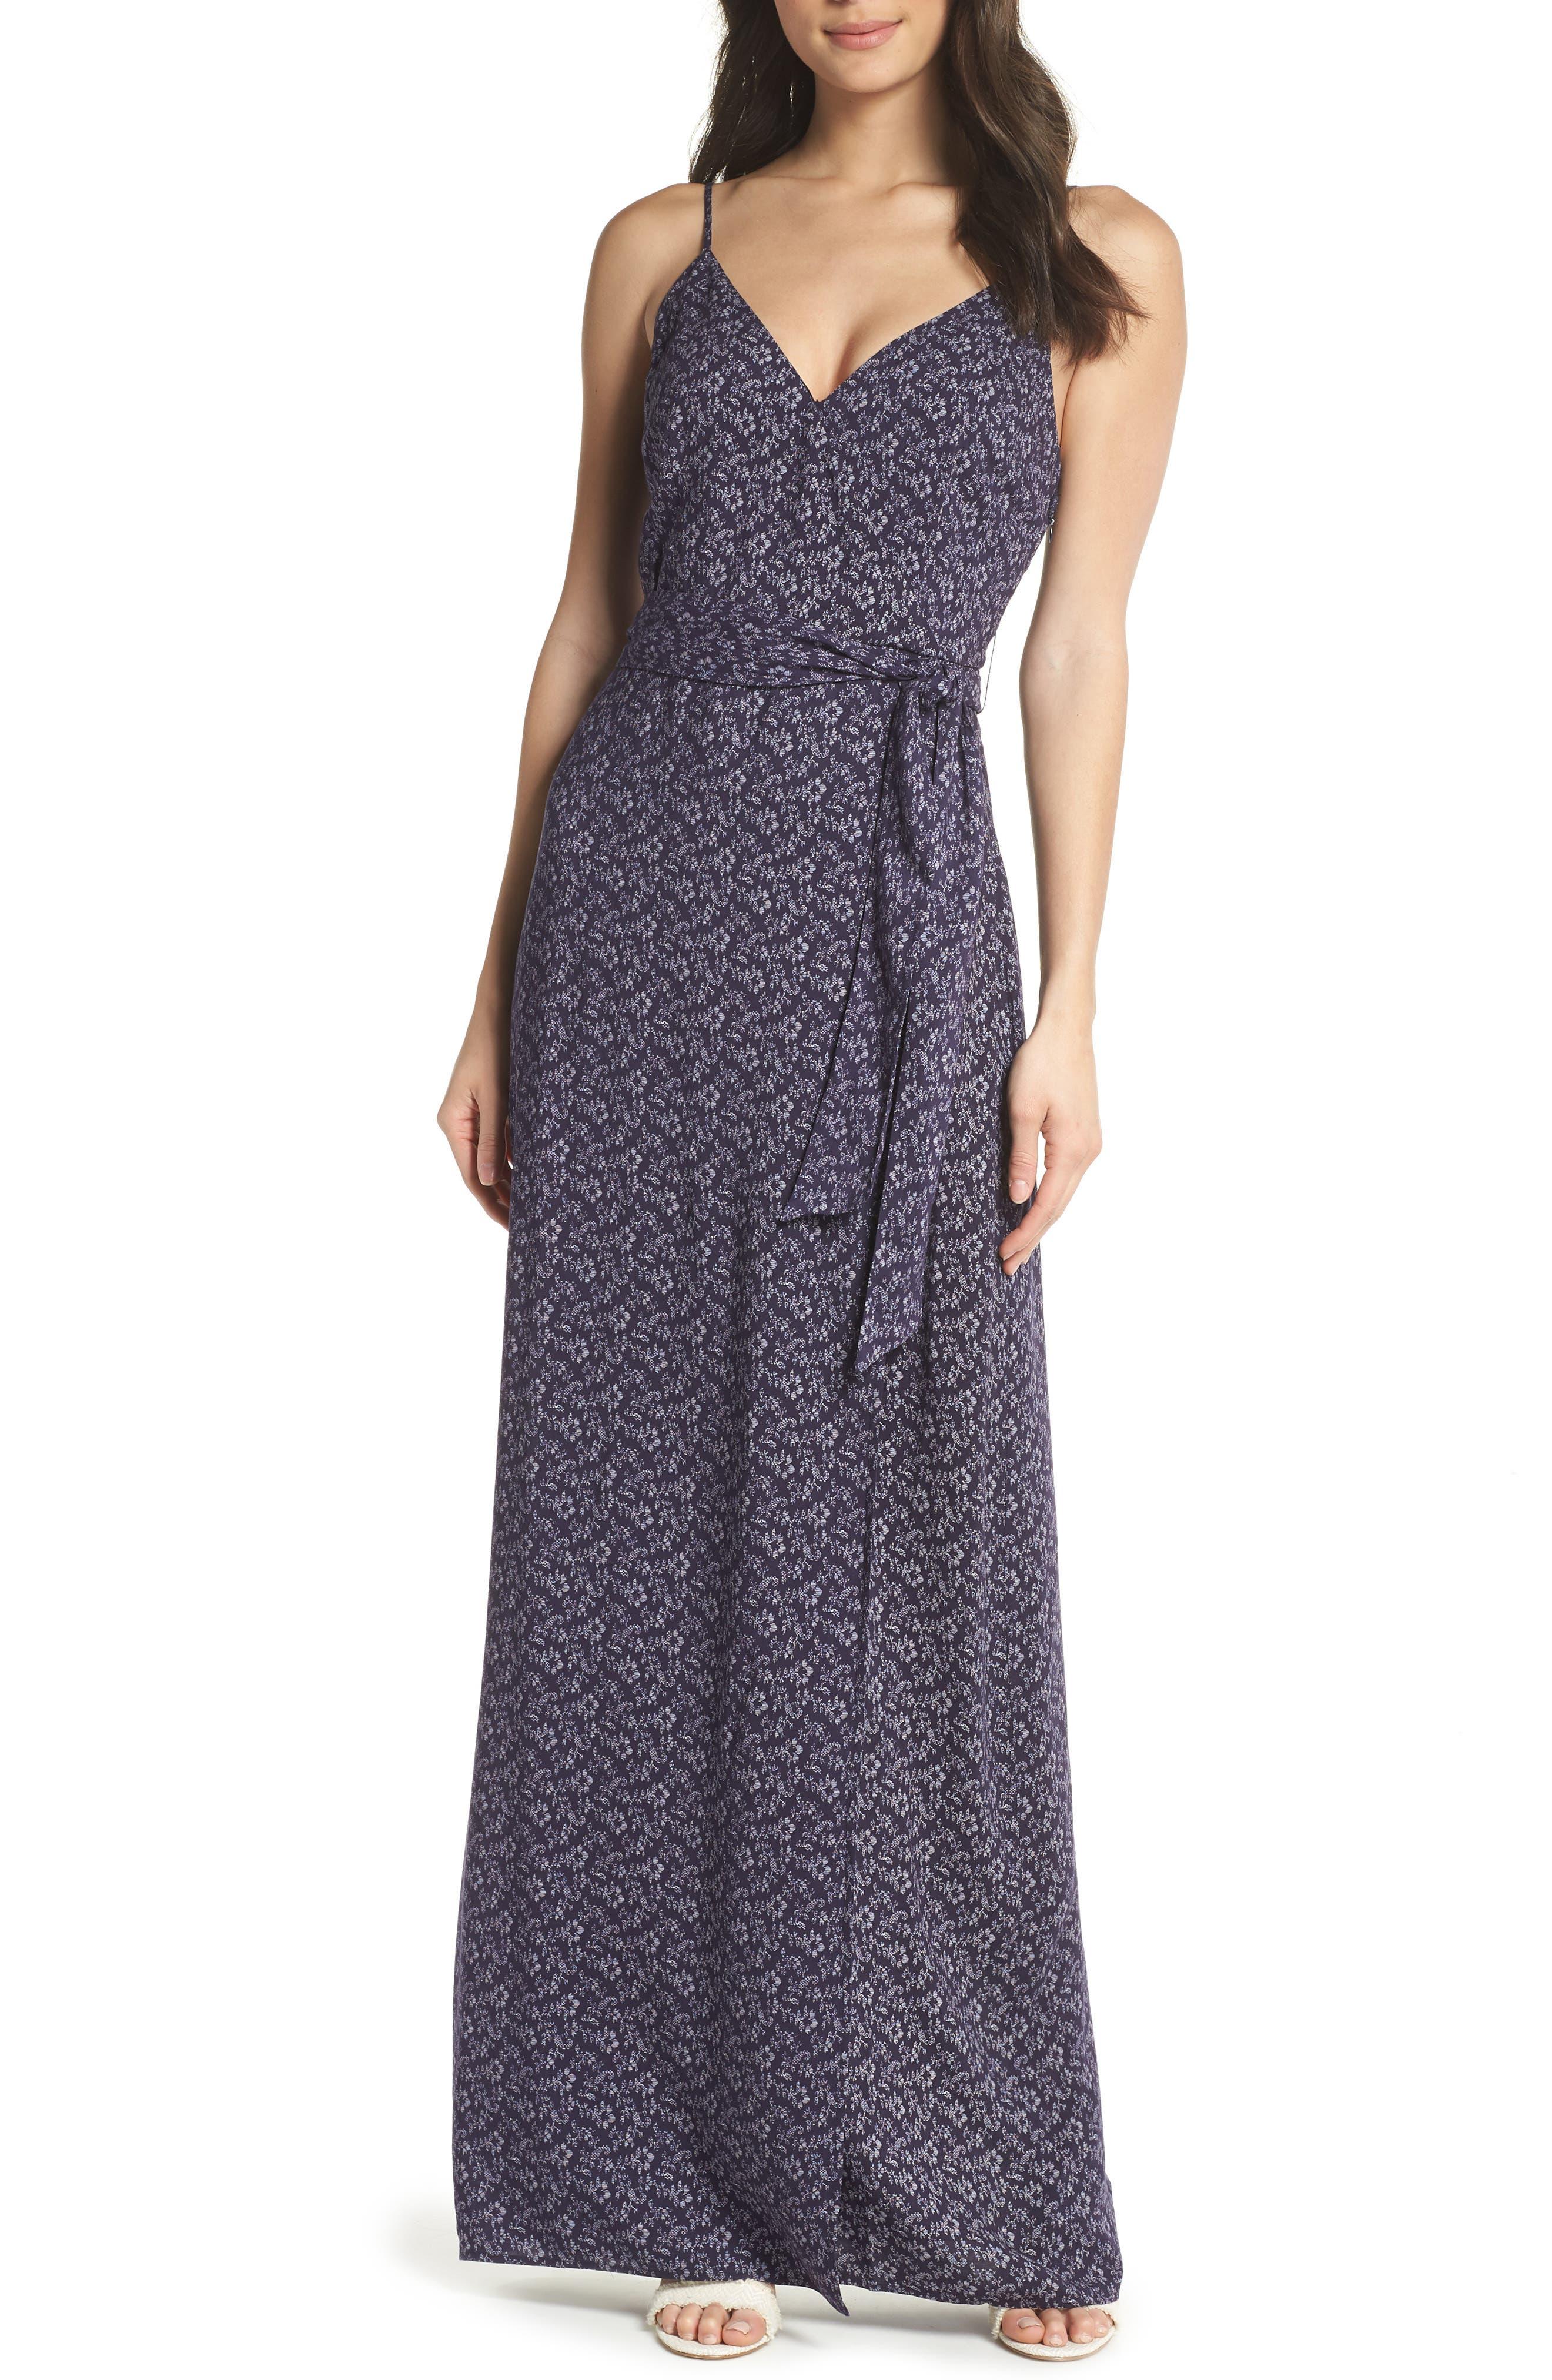 Regina Floral Print Maxi Dress,                             Main thumbnail 1, color,                             400